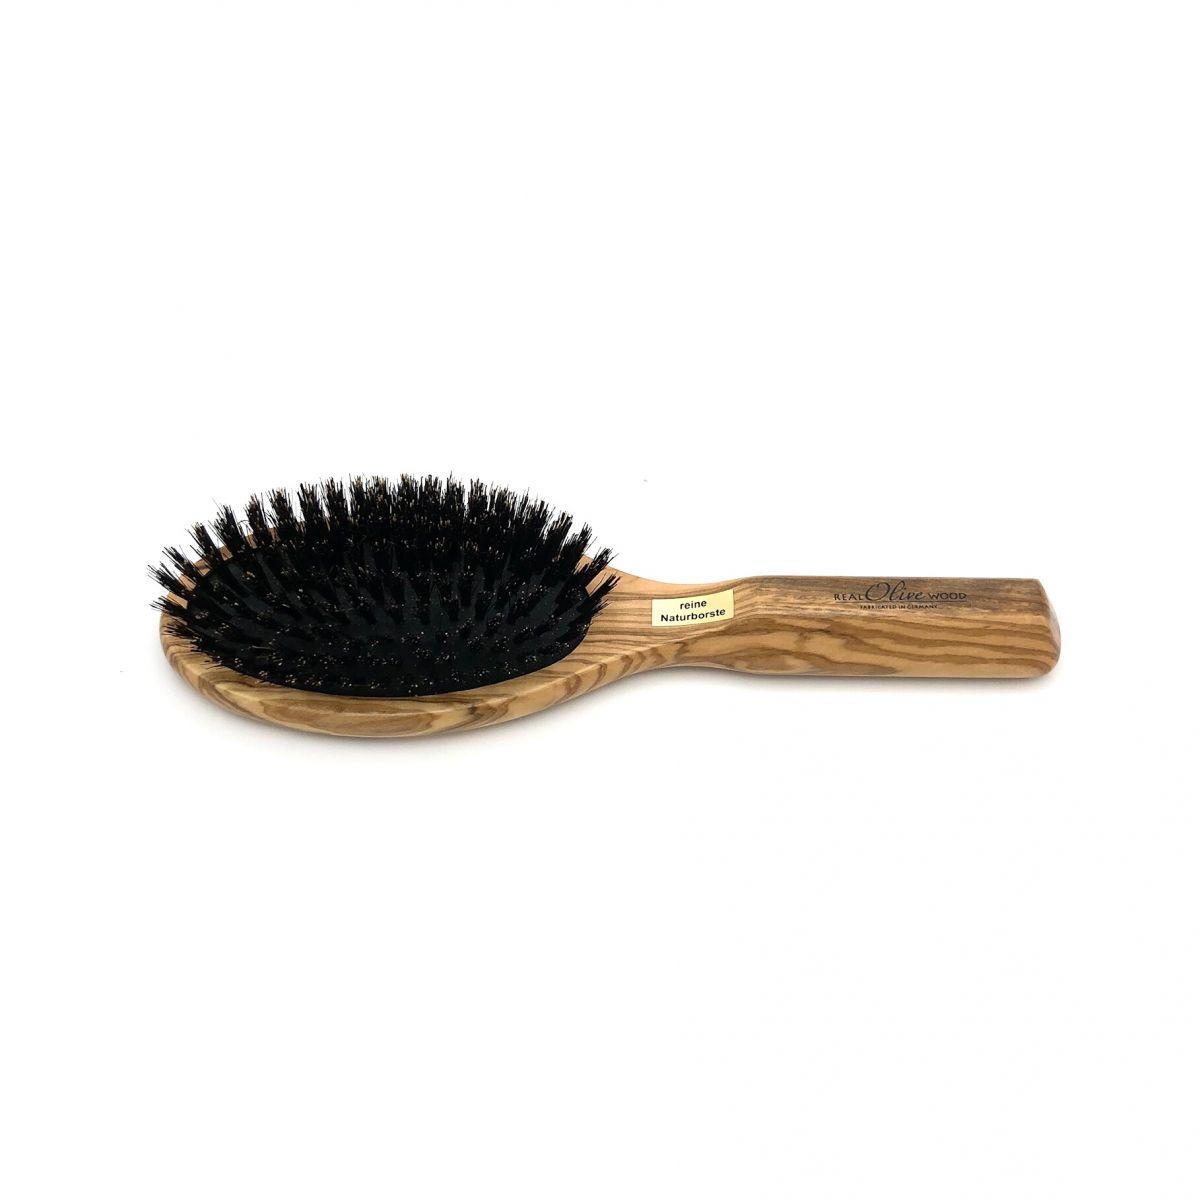 Haarbürste groß oval mit mittelfesten Wildschweinborsten